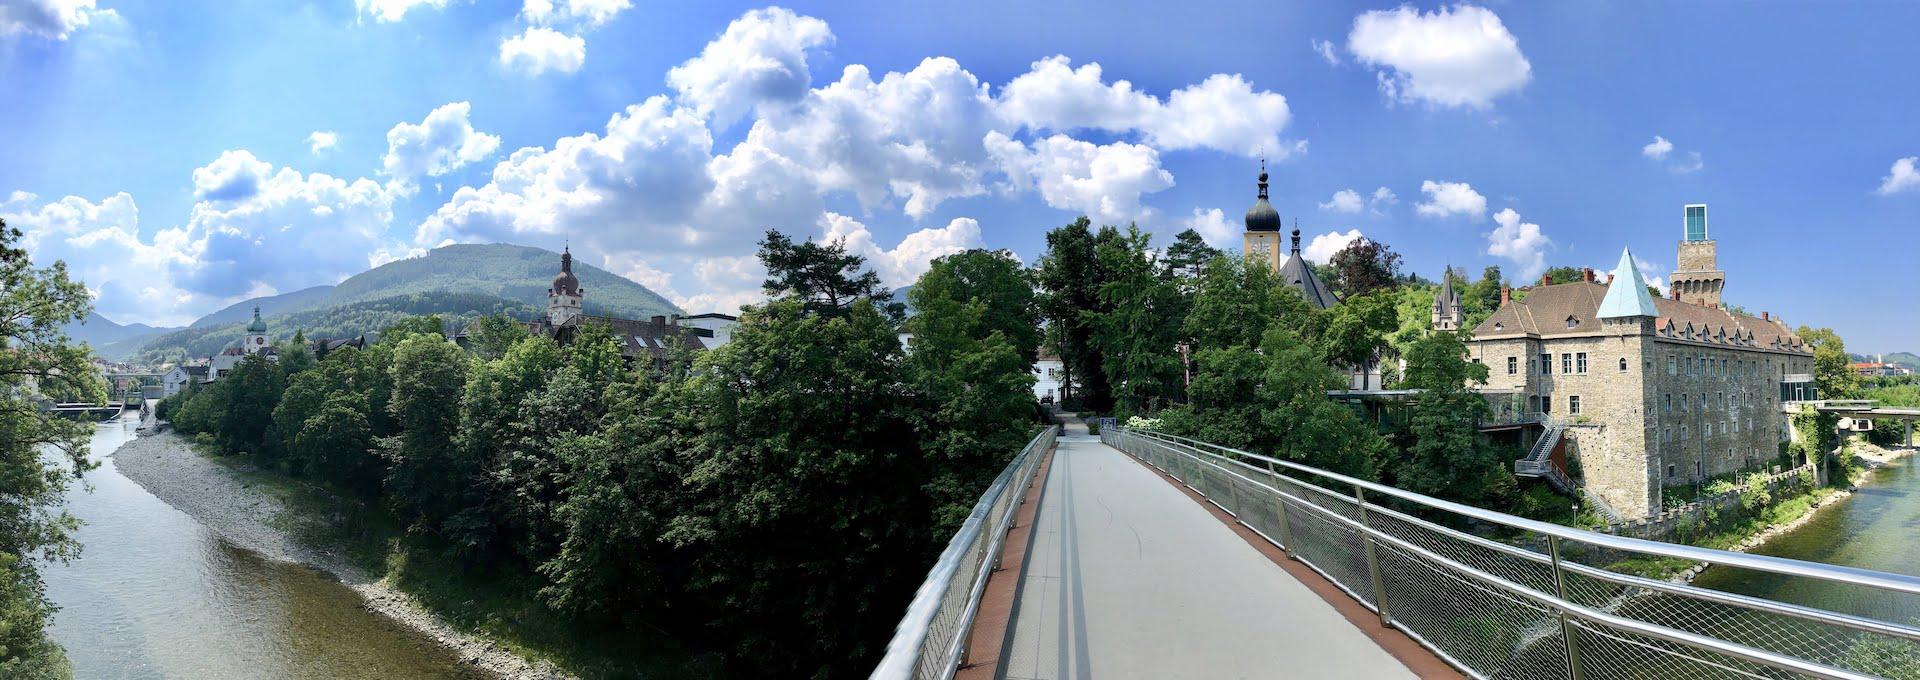 Ausztria: Az Ybbs menti vasútvonal és a Duna Melkkel